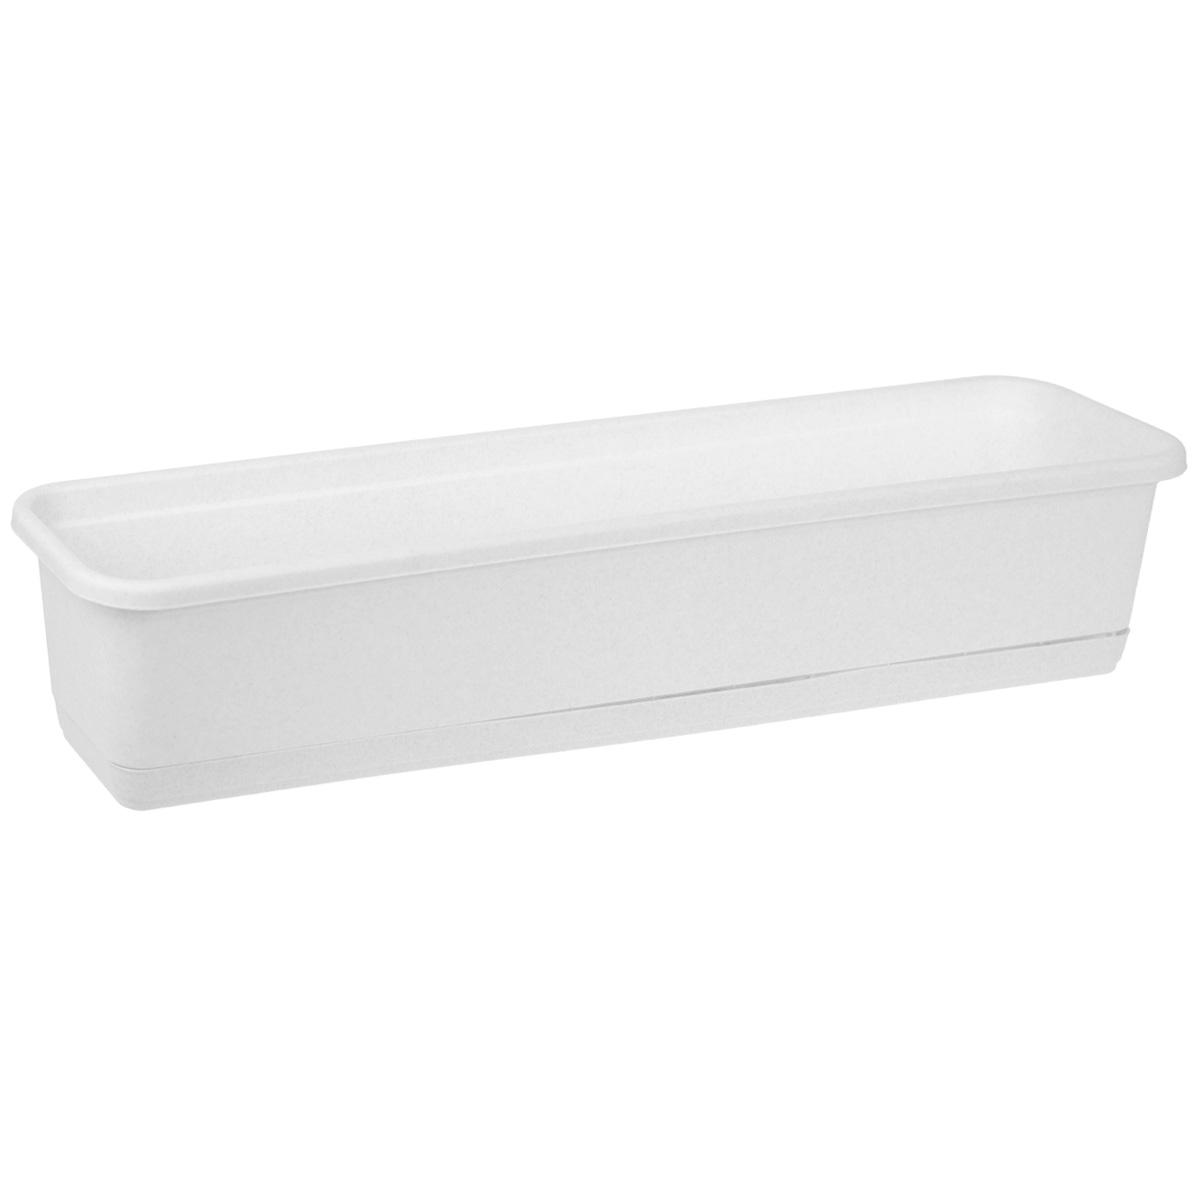 Балконный ящик Idea, цвет: мраморный, 80 см х 18 см